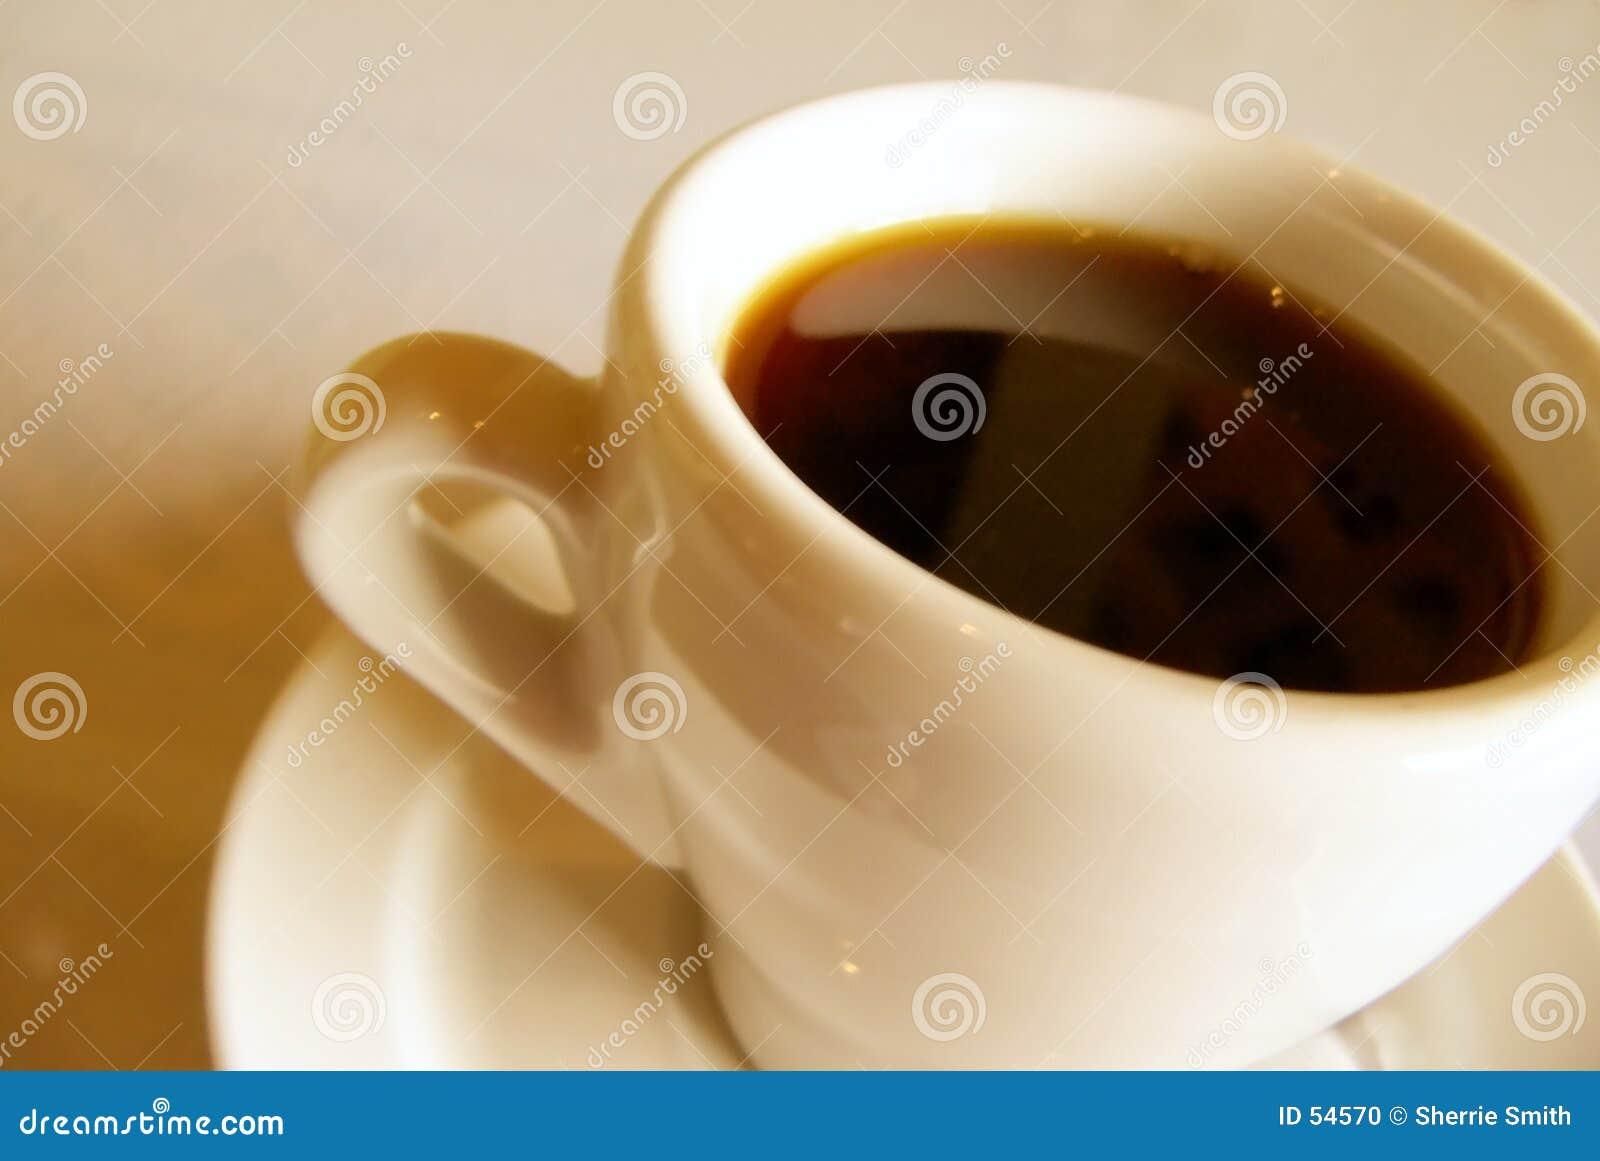 Download Temps de café photo stock. Image du matin, cuvette, plaisir - 54570